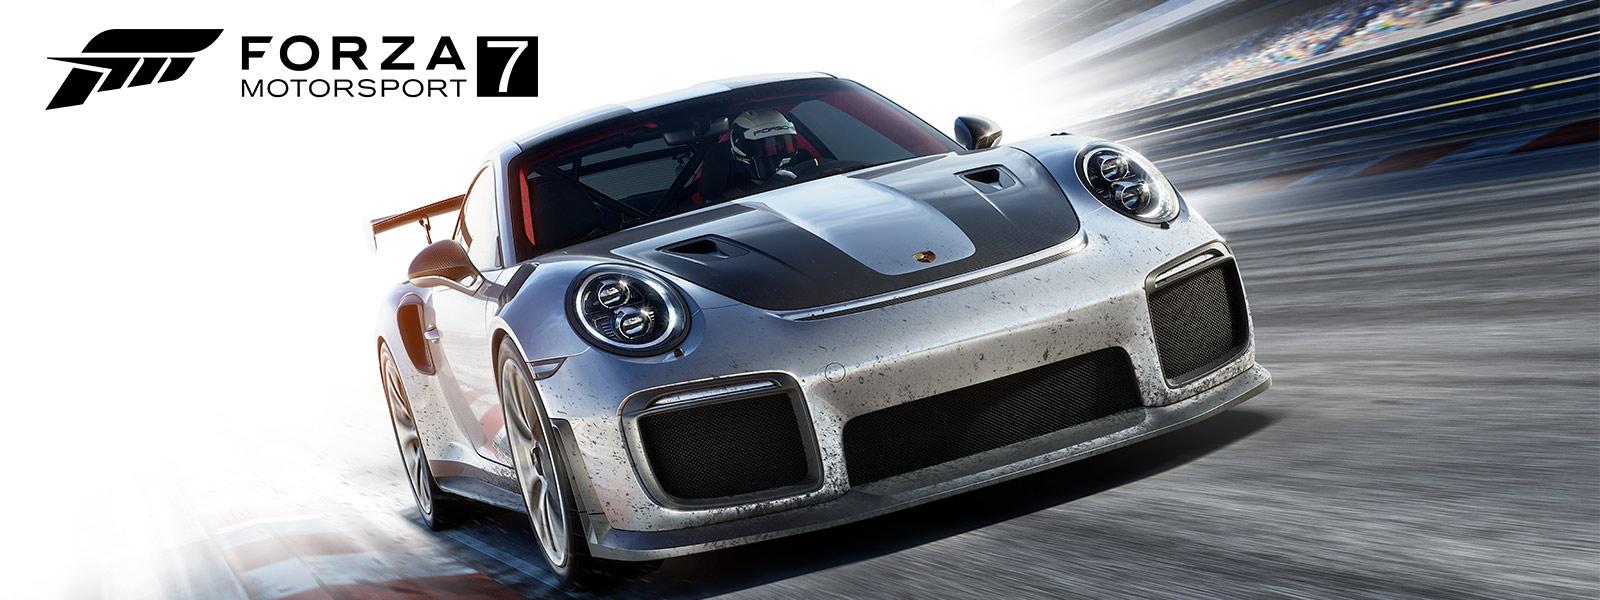 Pantalla del juego Forza Motorsport 7